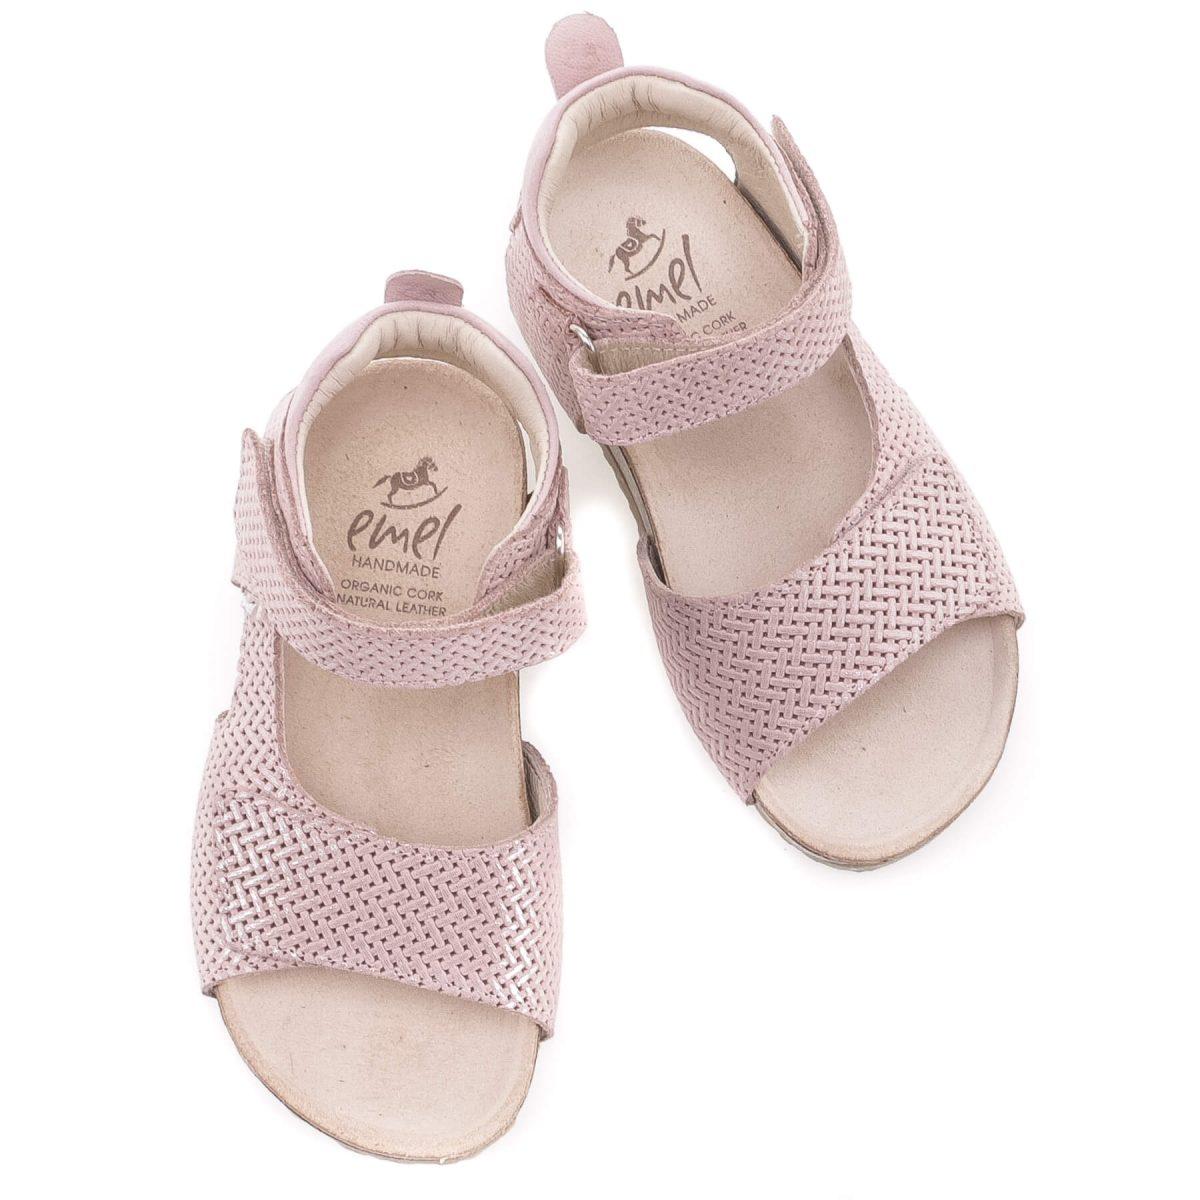 EMEL sandały dziecięce fusbet MALUCHY E 2509A-5